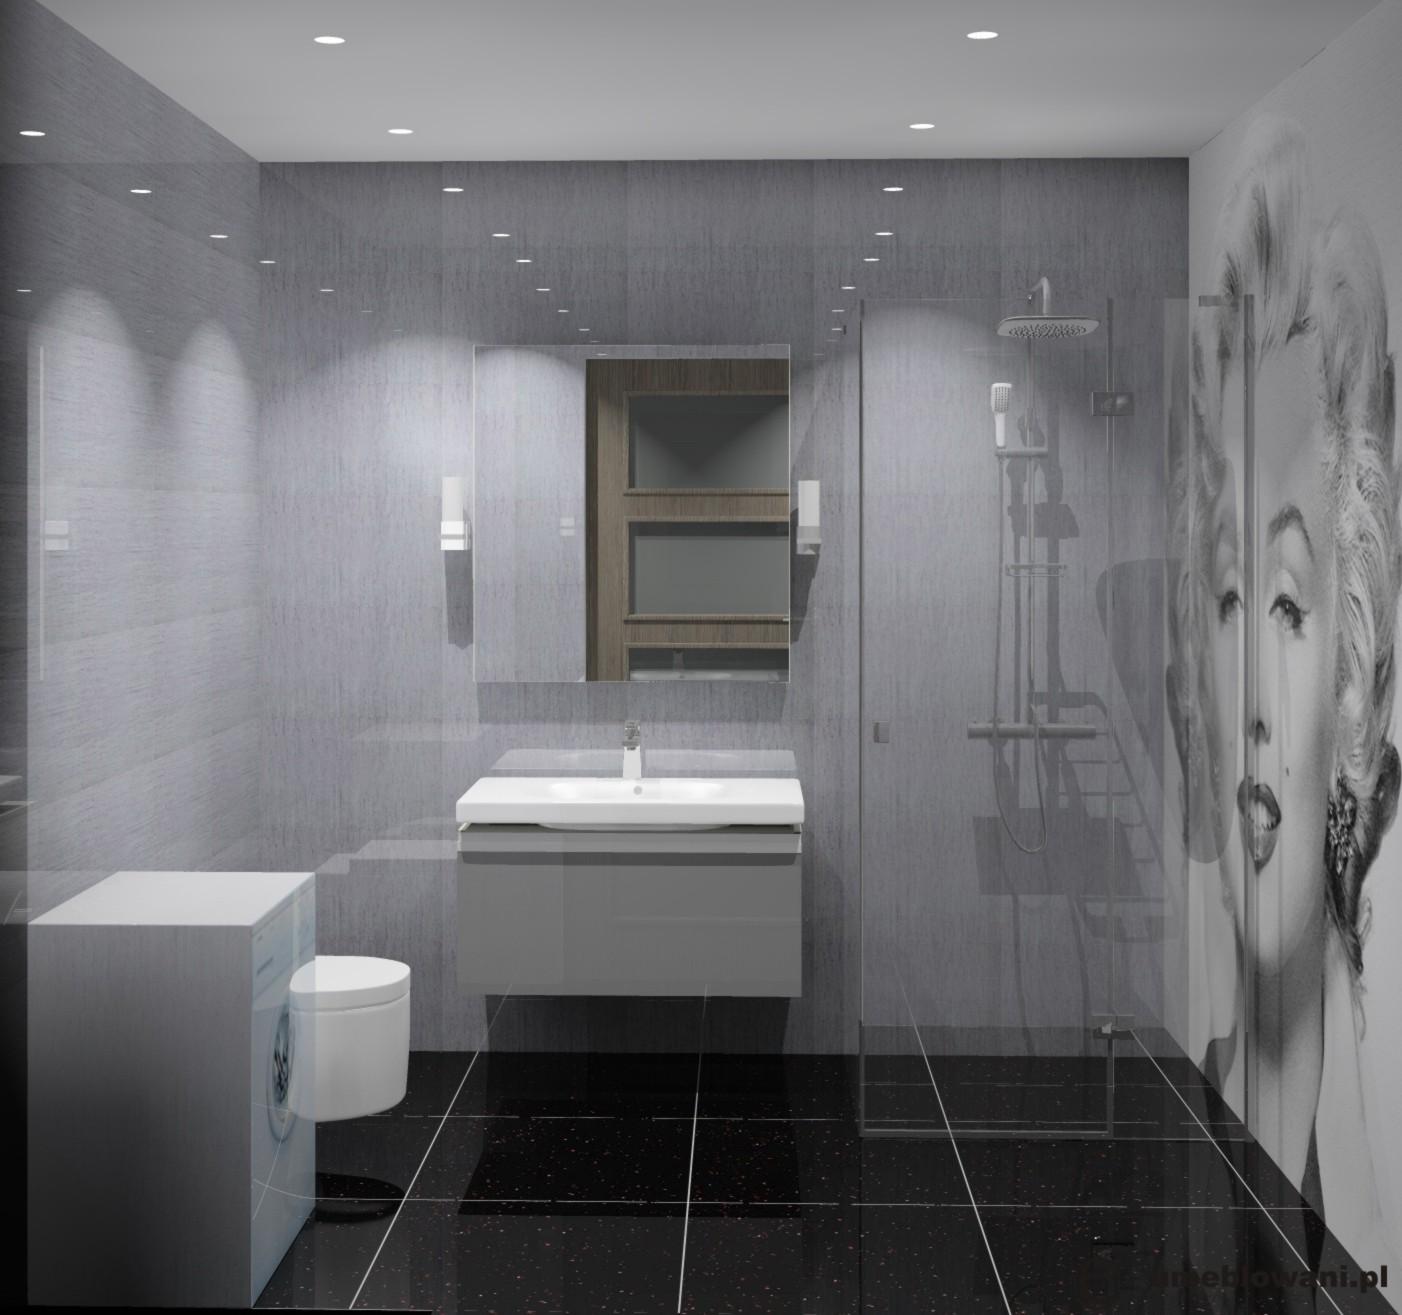 łazienka czarna, szara, biała, płytki tubądzin elegant natur